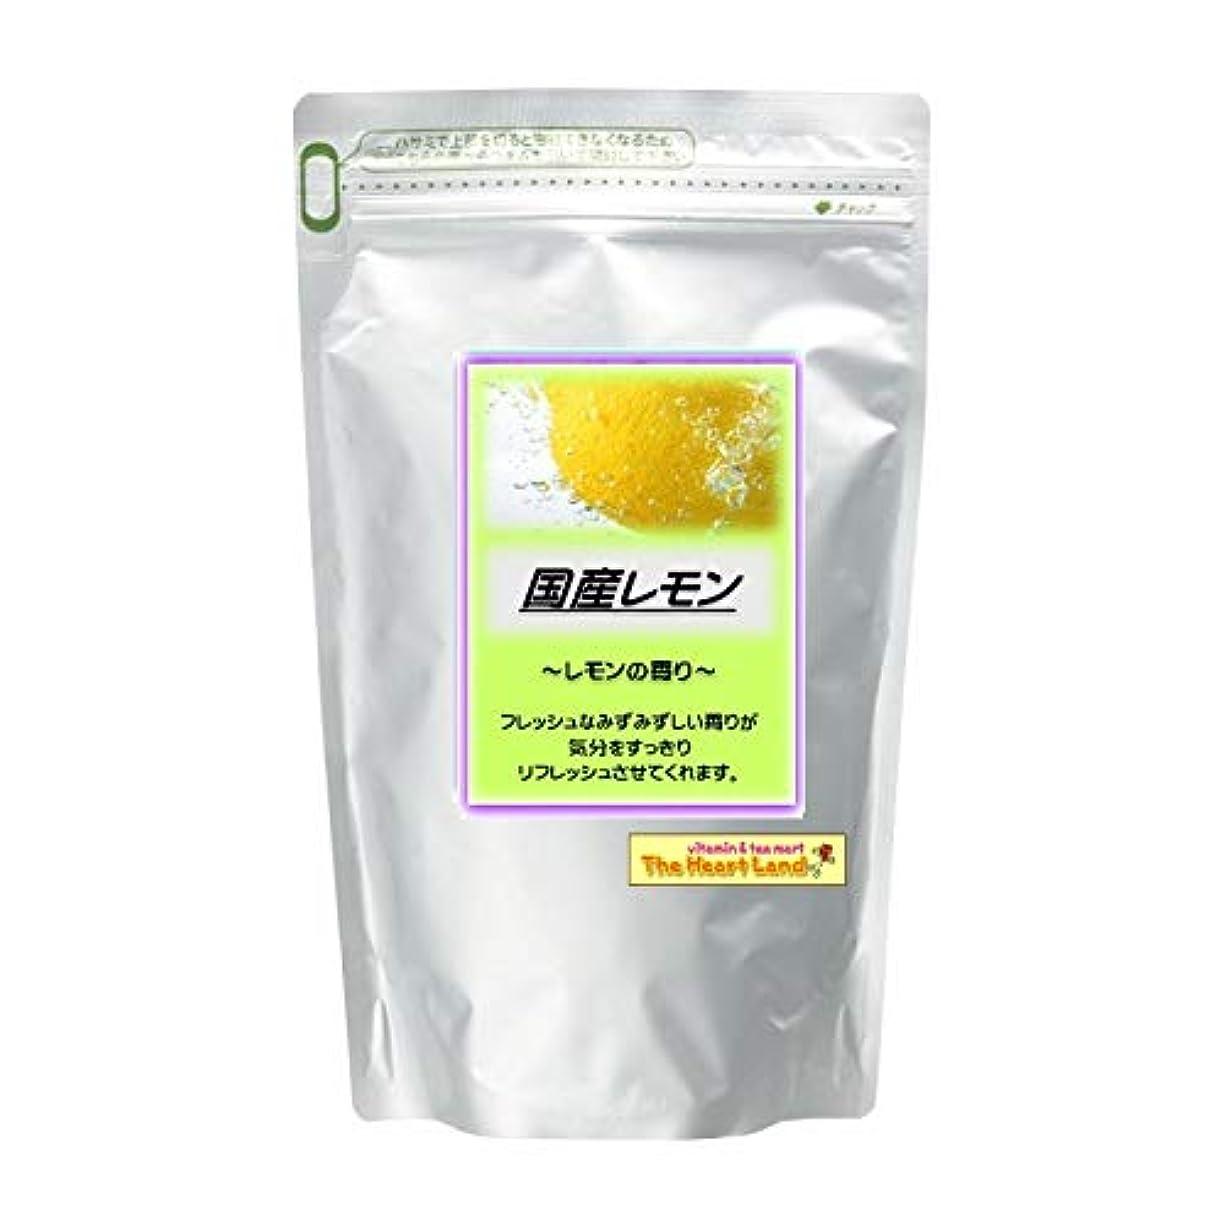 有料伝染性戸惑うアサヒ入浴剤 浴用入浴化粧品 国産レモン 300g